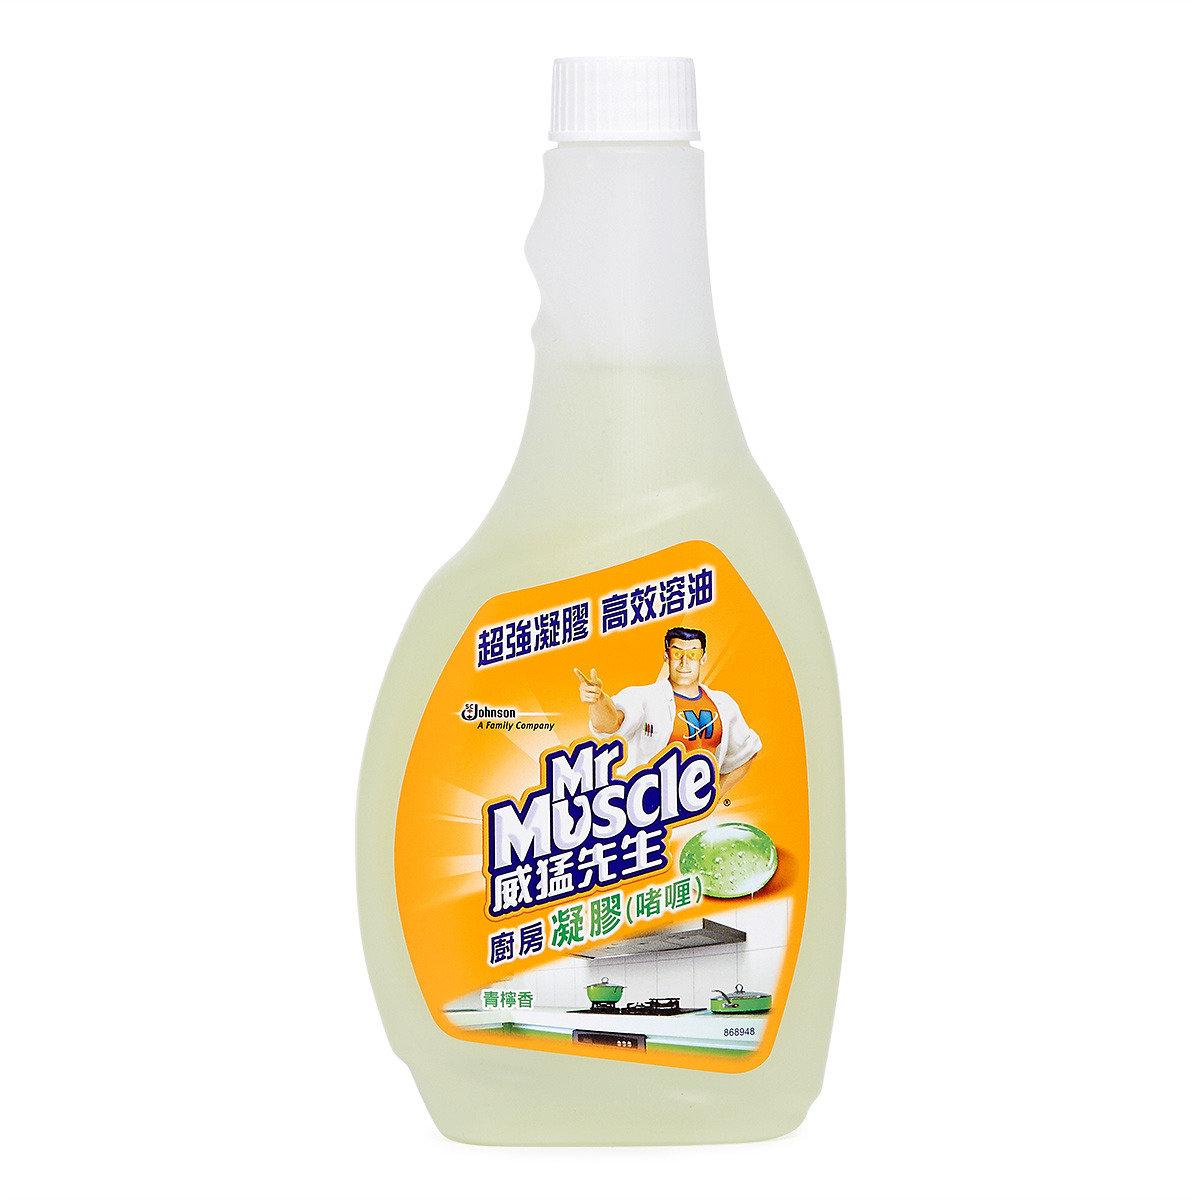 廚房凝膠啫喱 - 青檸味 (補充裝)